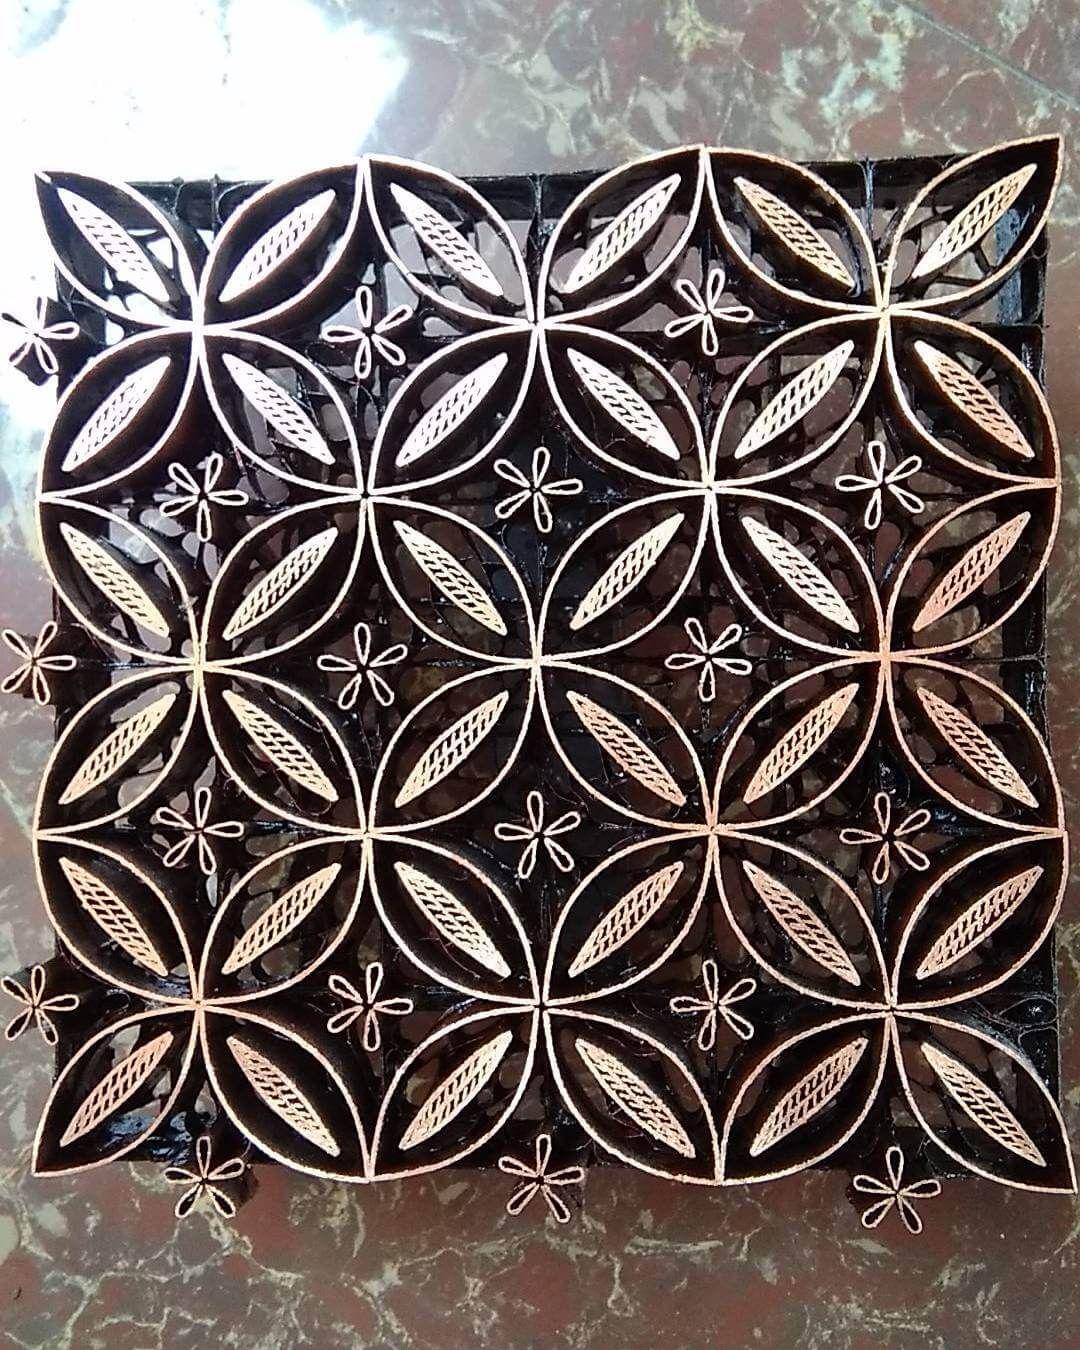 Desain Batik Sederhana : desain, batik, sederhana, Batik, Tulis, Motif, Kawung, Busana, Batik,, Desain